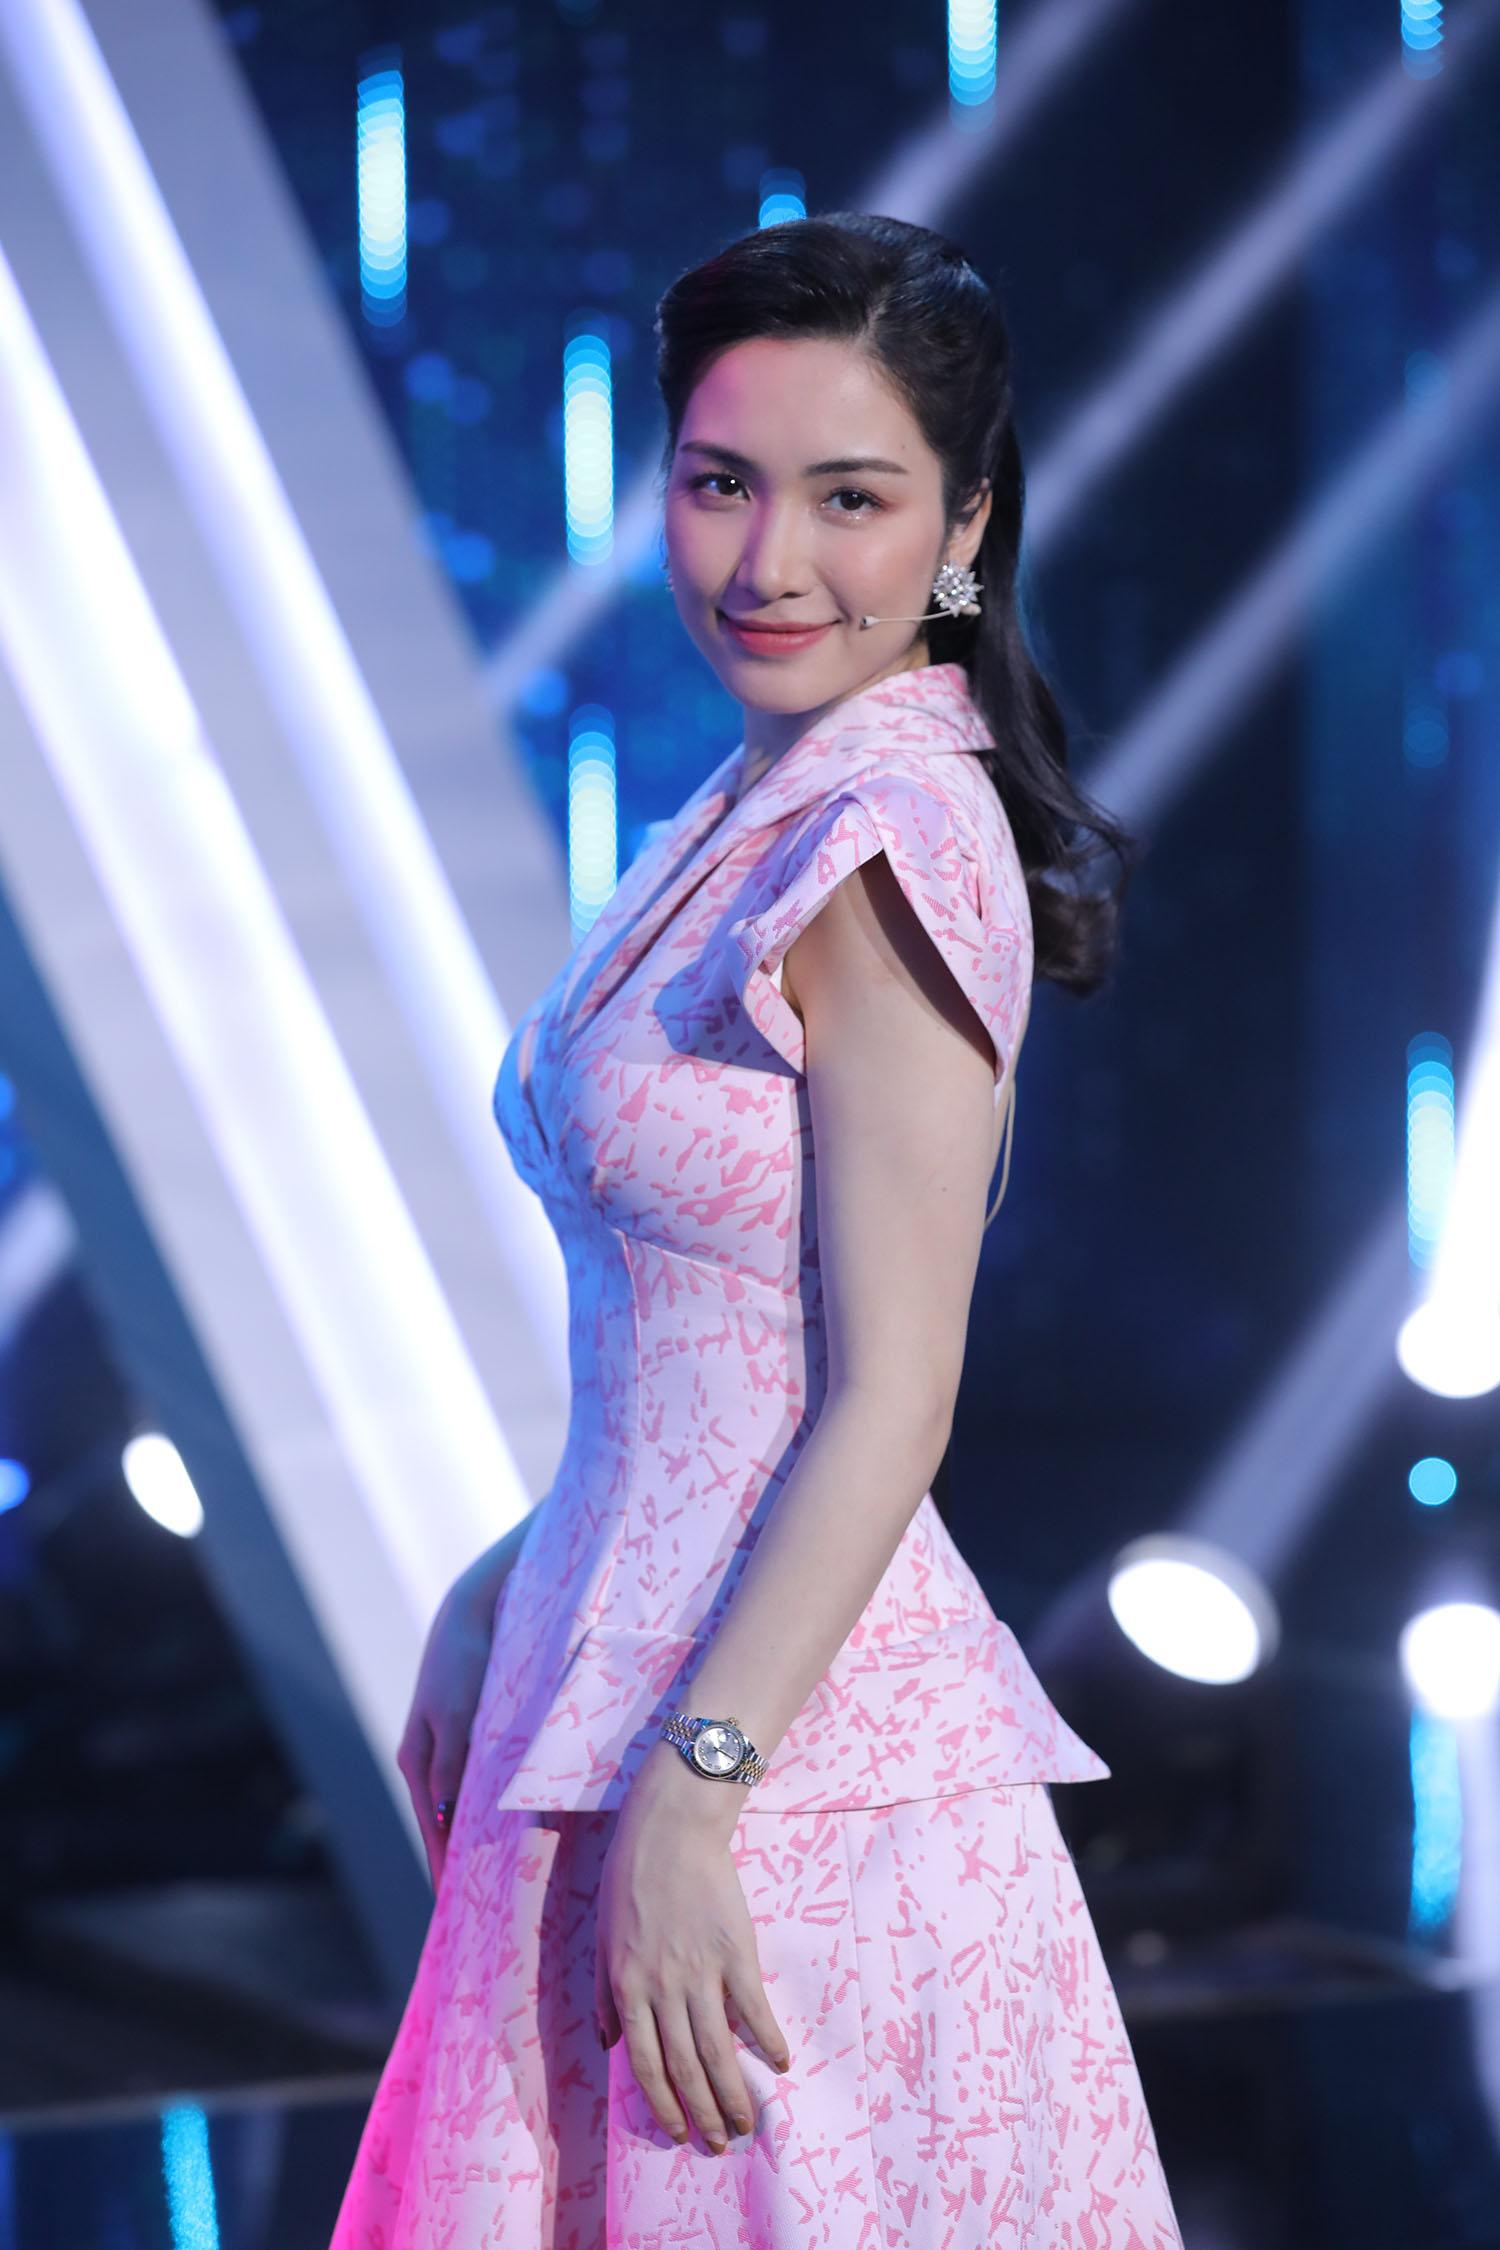 Trấn Thành bật khóc khi Hương Giang làm nữ chính, tiết lộ lí do vì sao cô có tất cả nhưng chỉ thiếu tình yêu!